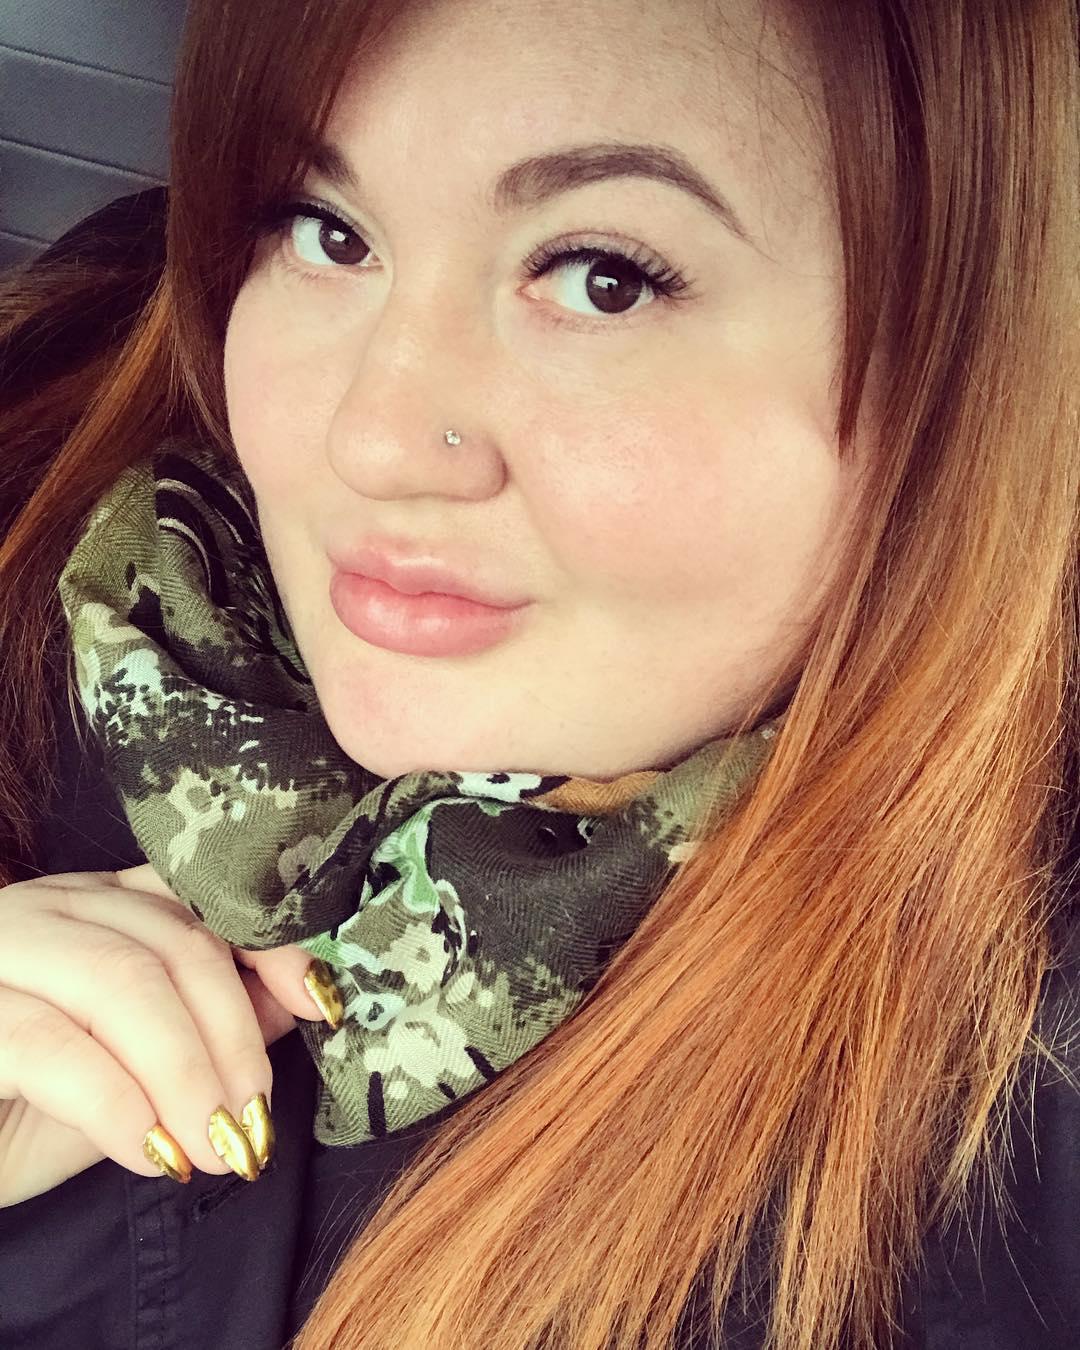 Директор Центра красоты Настя Идрисова— лучшая антиреклама своего центра, но...